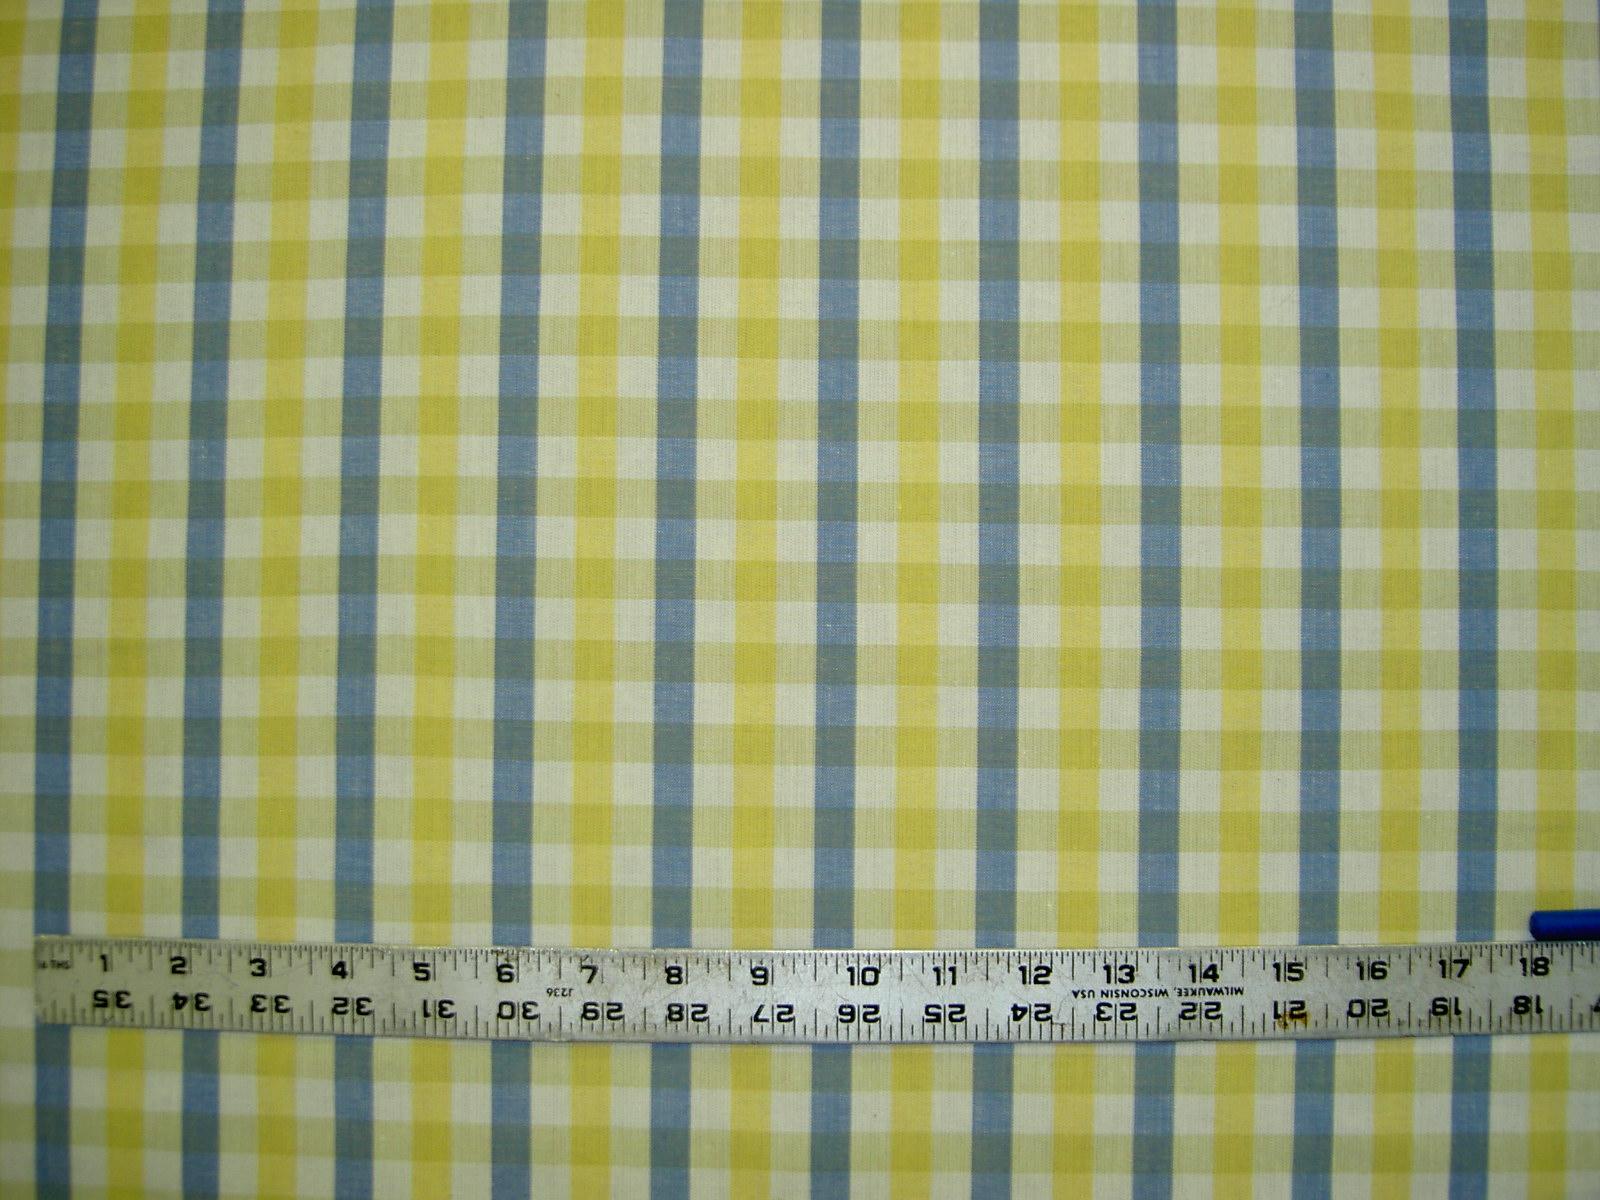 Plaids And Checks: Plaid digital paper plaids and checks tartan.